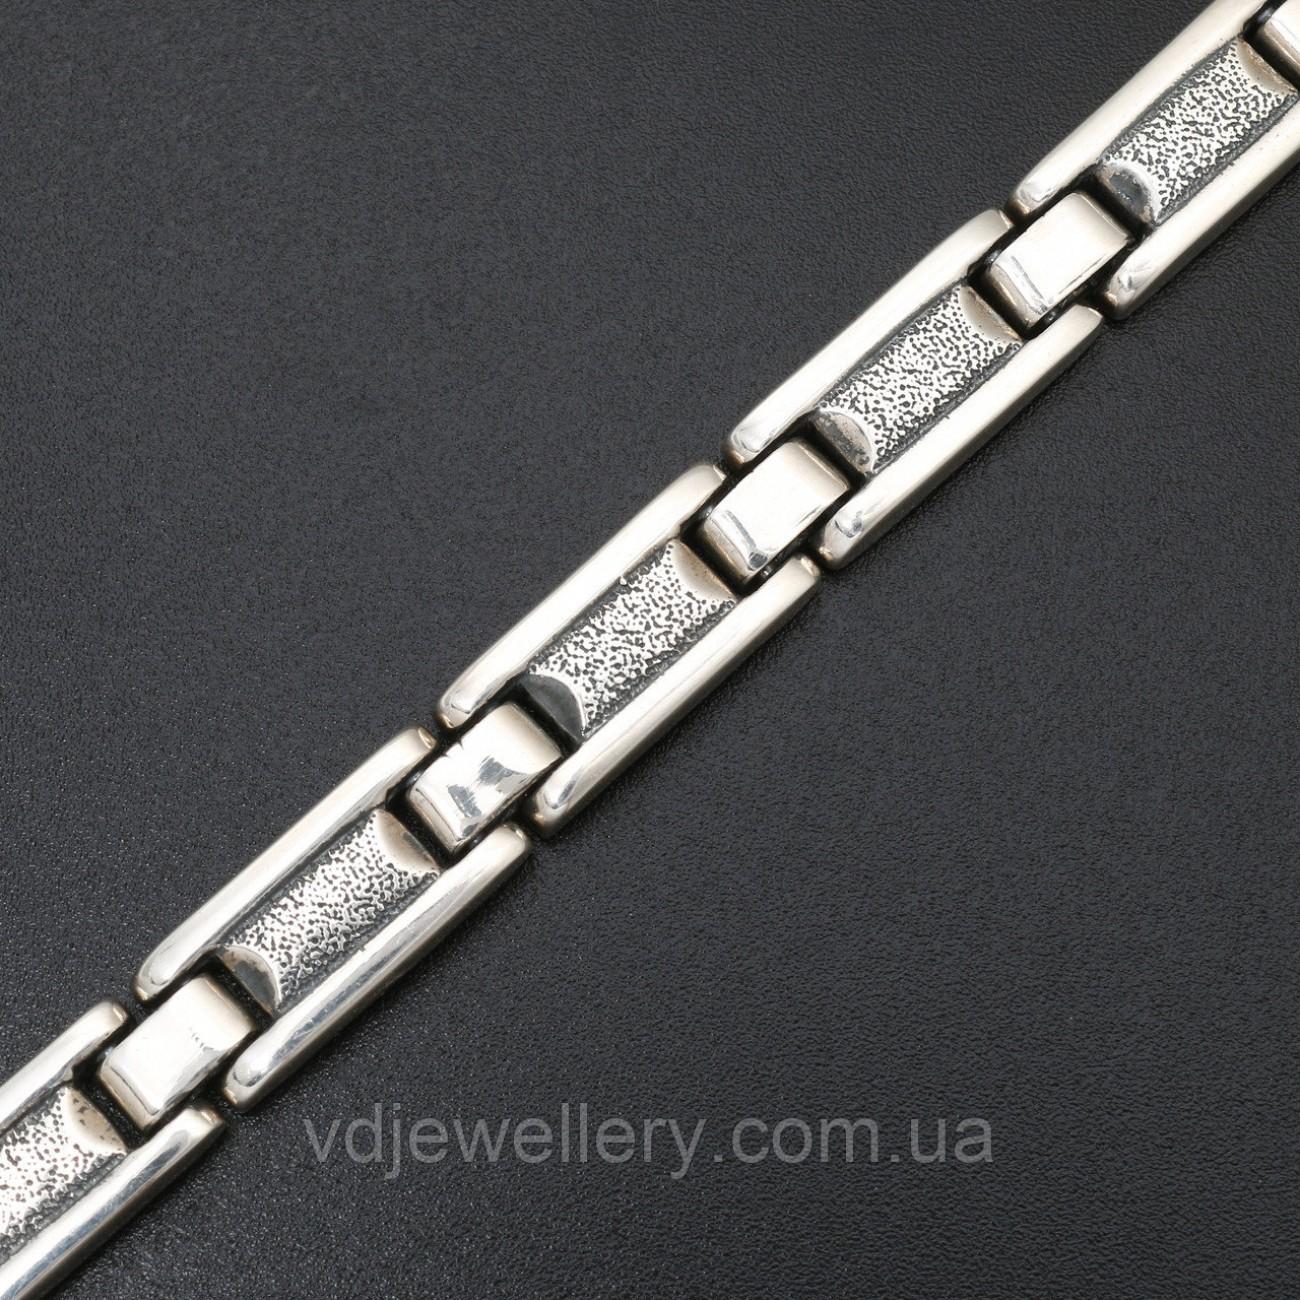 Мужской серебряный браслет 5100047